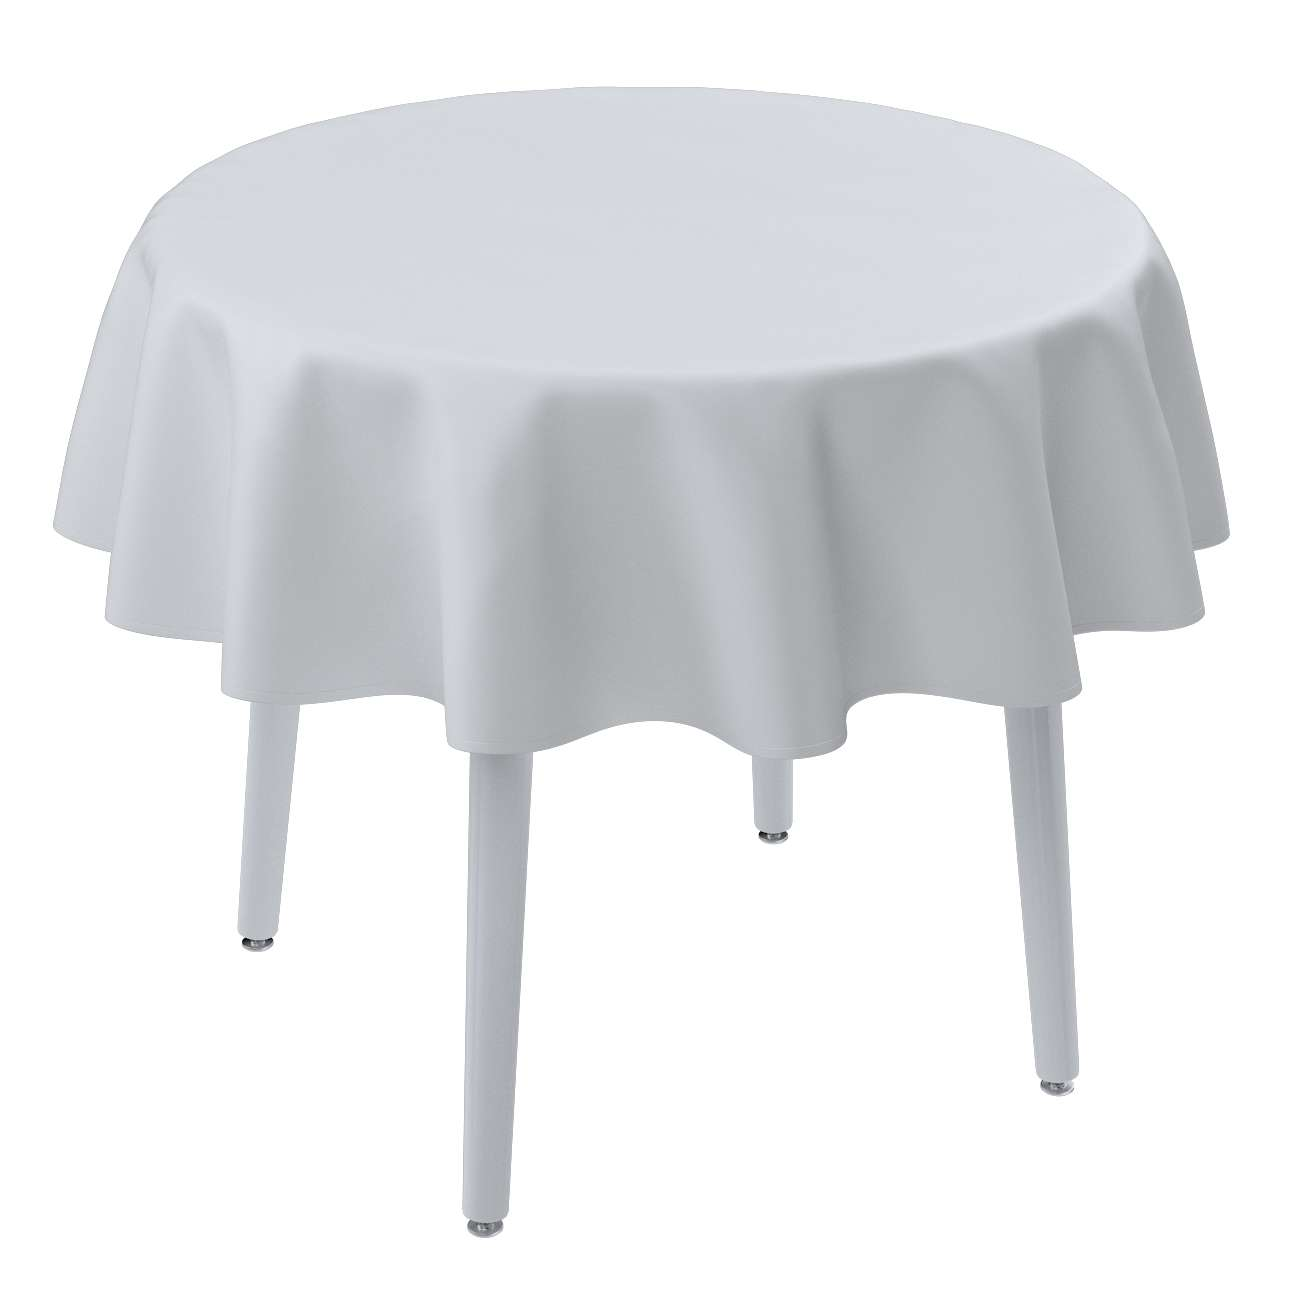 Runde Tischdecke von der Kollektion Damasco, Stoff: 141-78